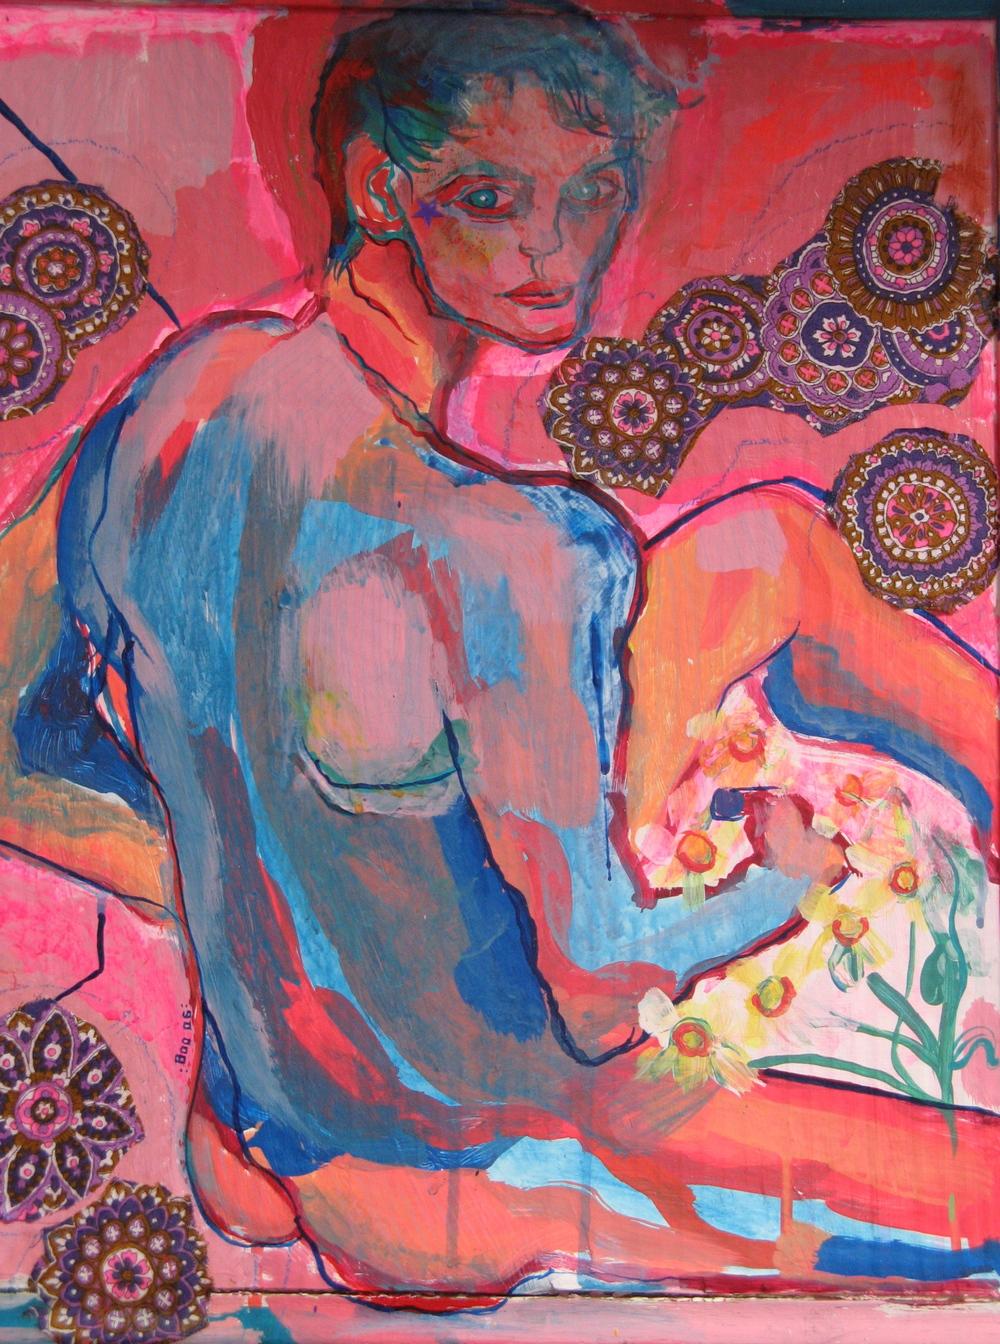 """Slavic Boy/Daisy Picker, mixed media, 18x14"""", 2006 (sold)"""